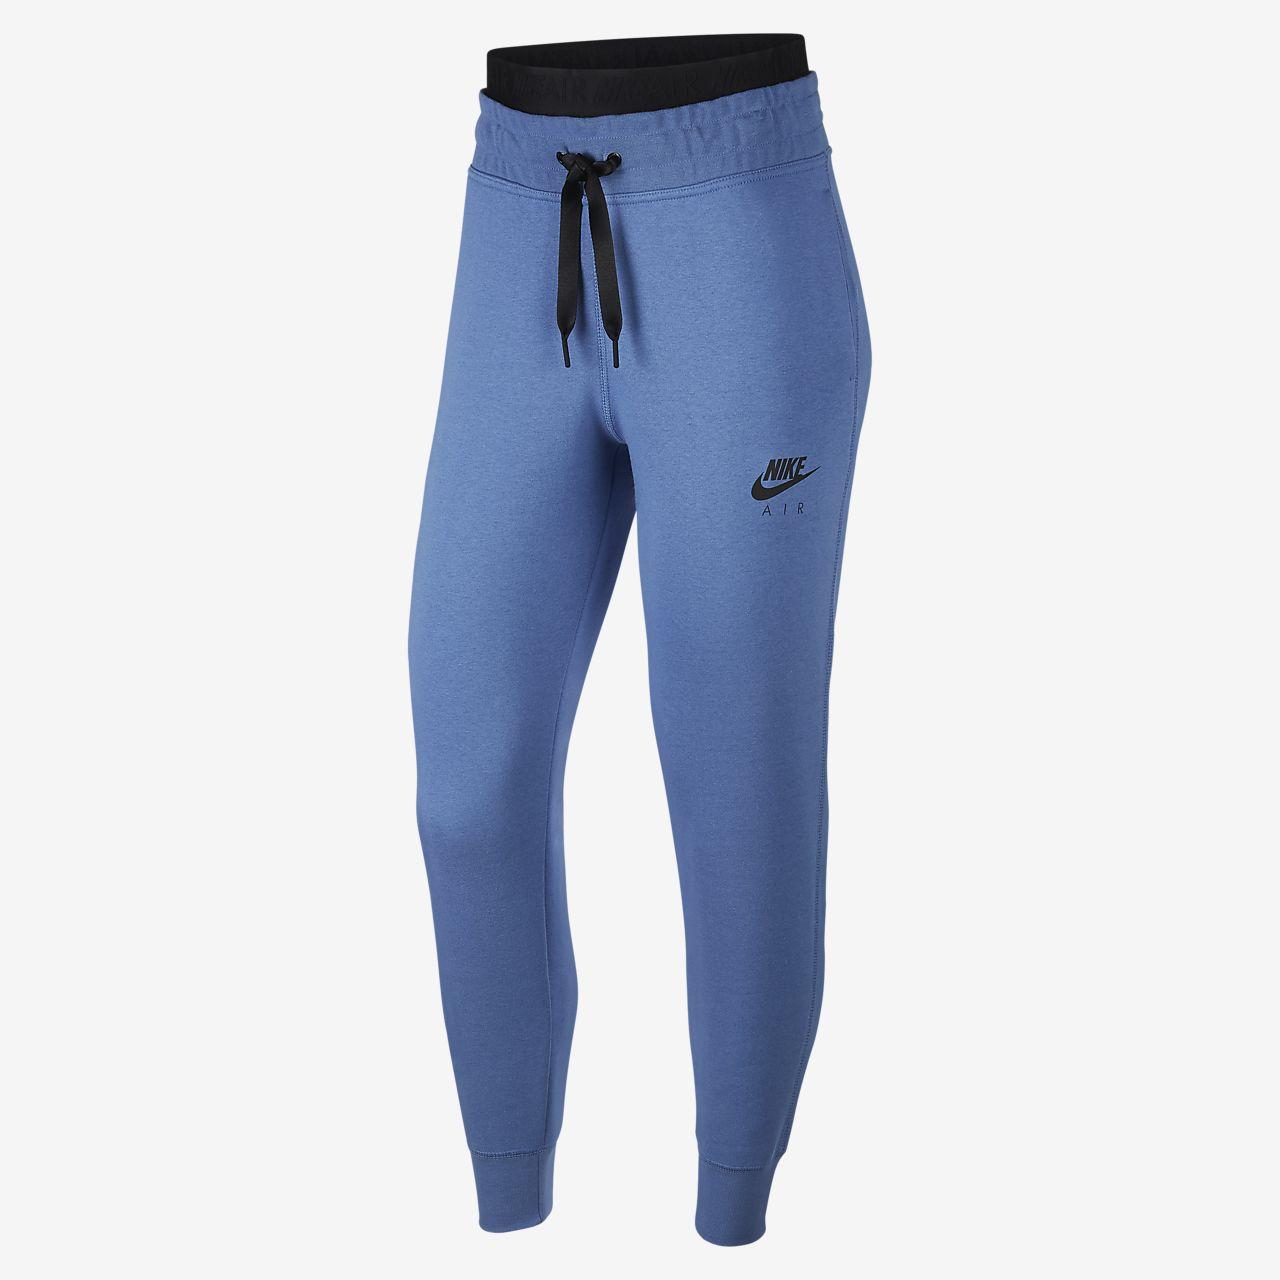 Nike Air Fleecebroek voor dames. Nike BE